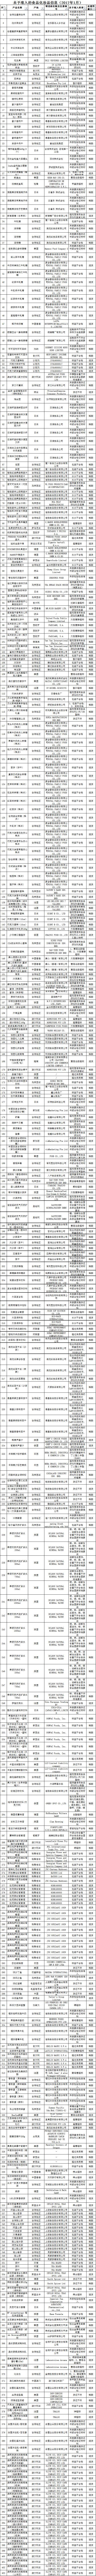 禁入食品化妆品单 禁入食品名单 质检总局公布禁入食品化妆品名单